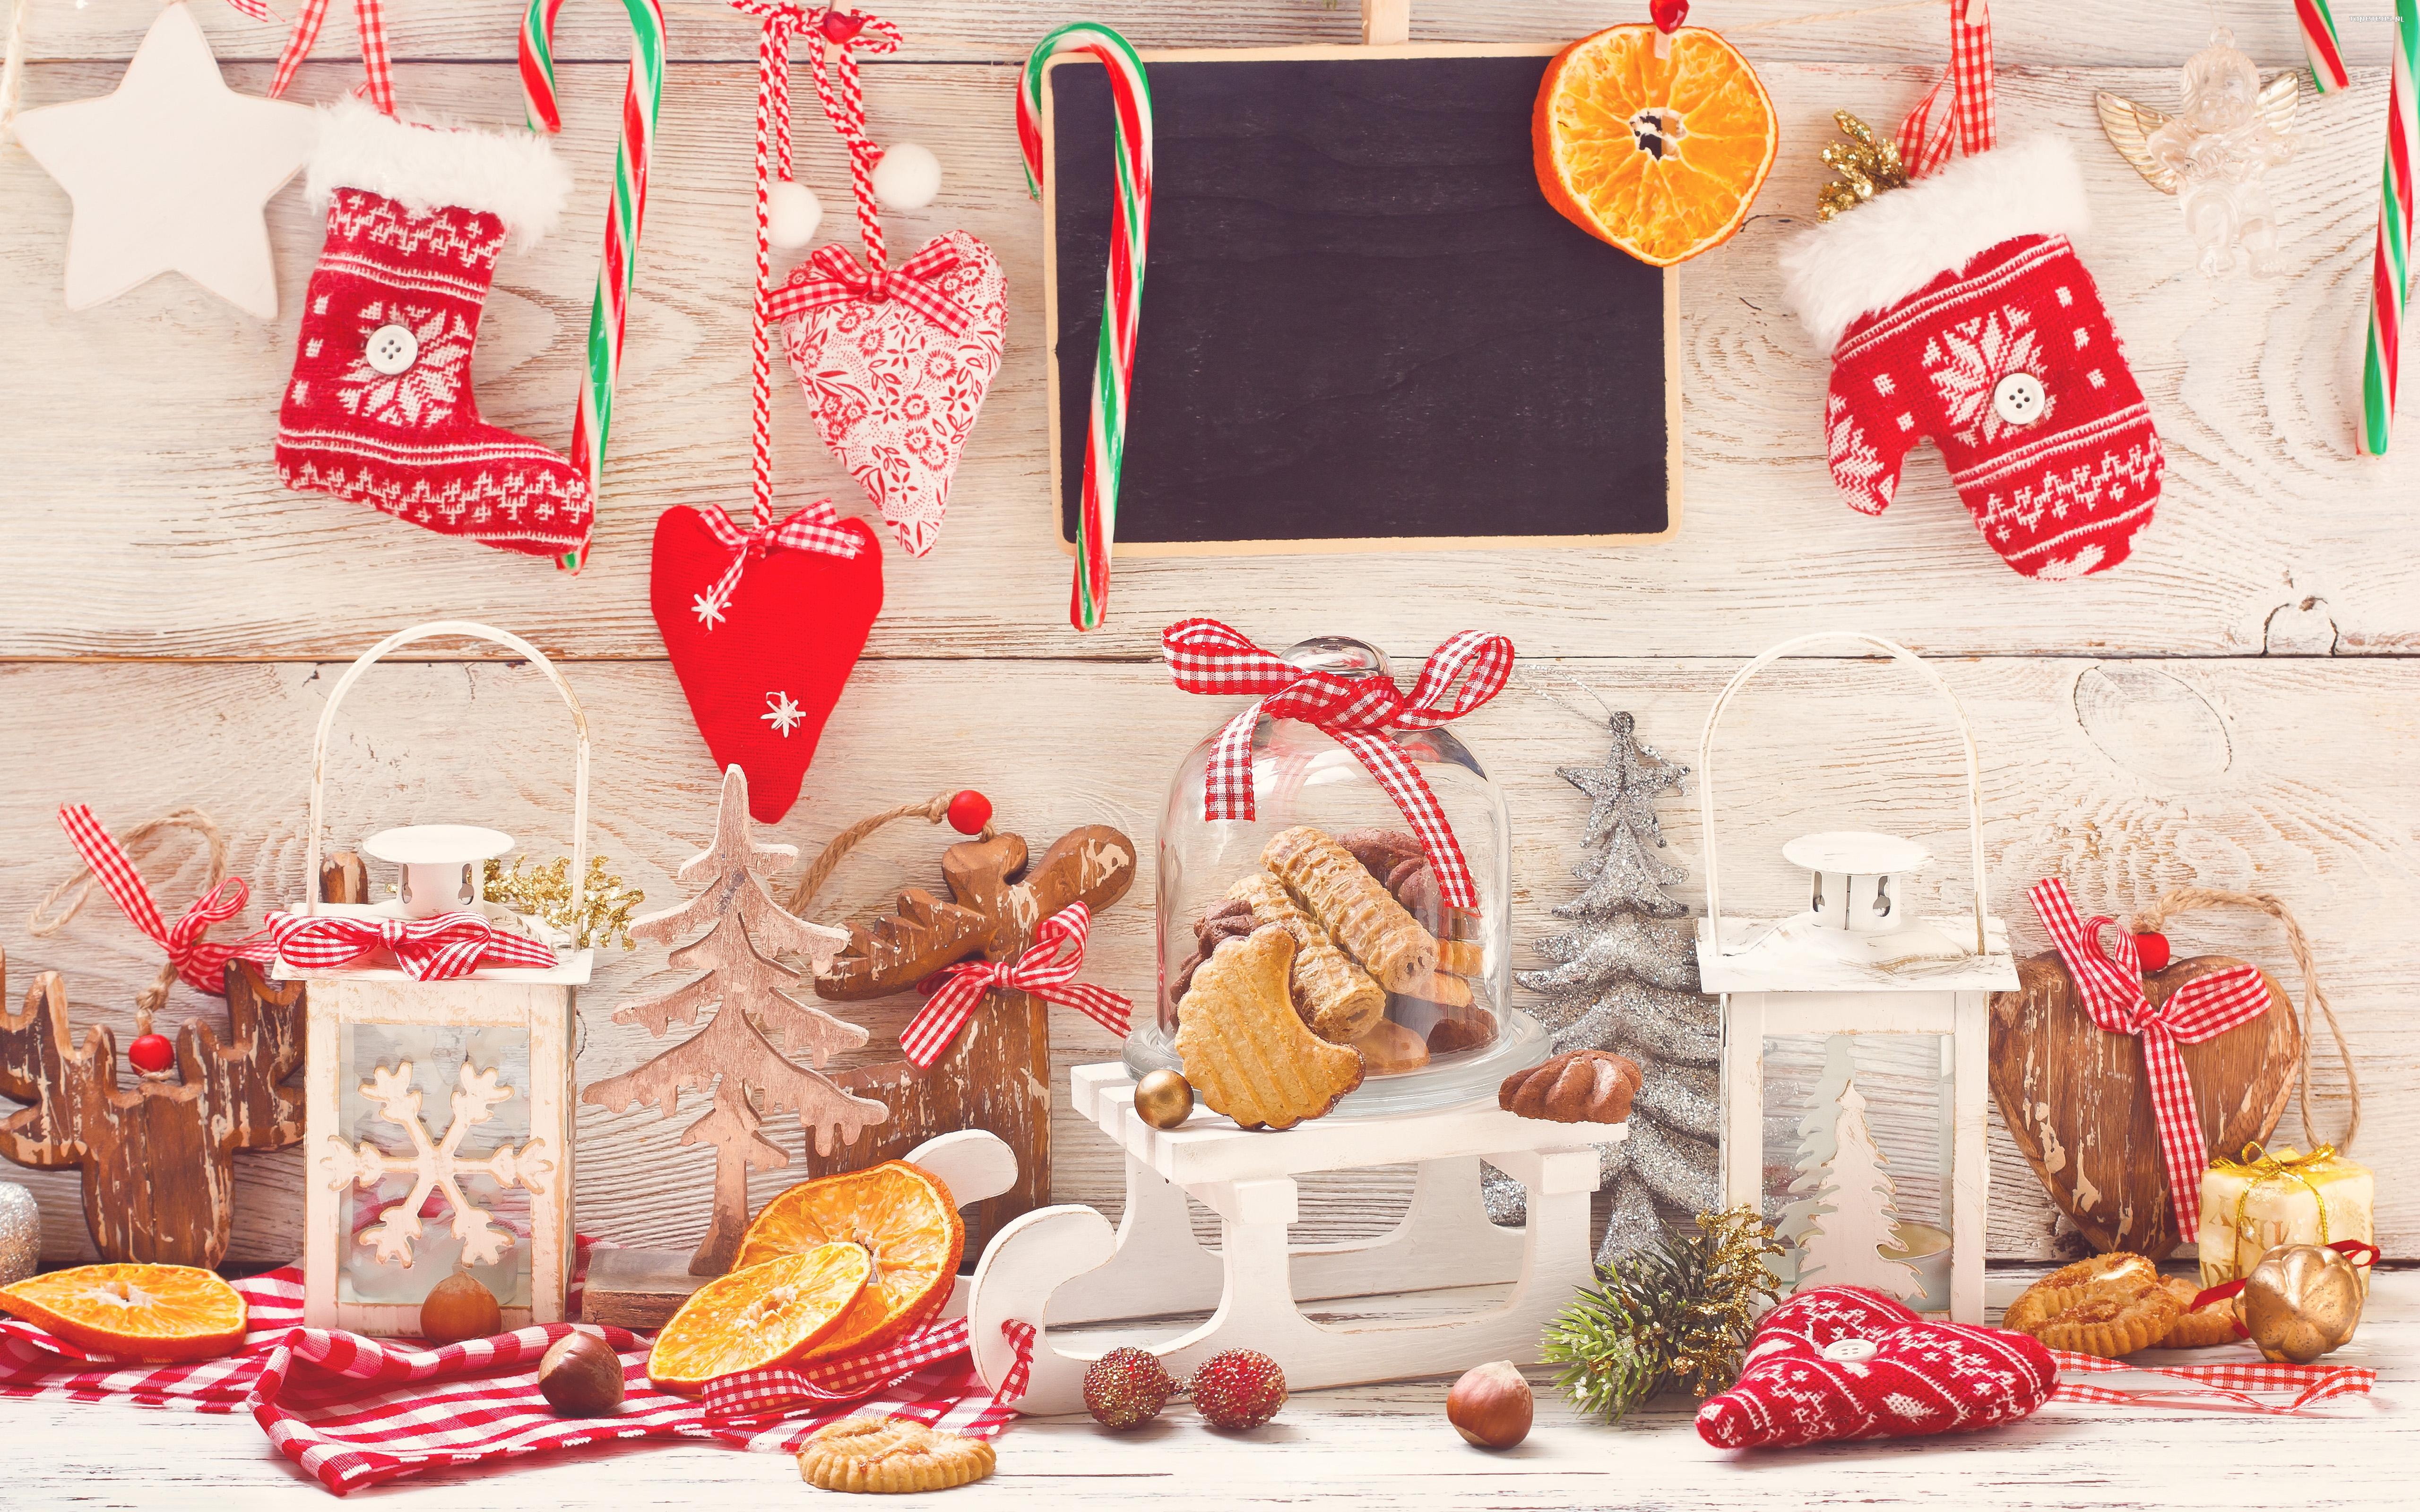 swieta boze narodzenie christmas 5120x3200 102 slodycze. Black Bedroom Furniture Sets. Home Design Ideas